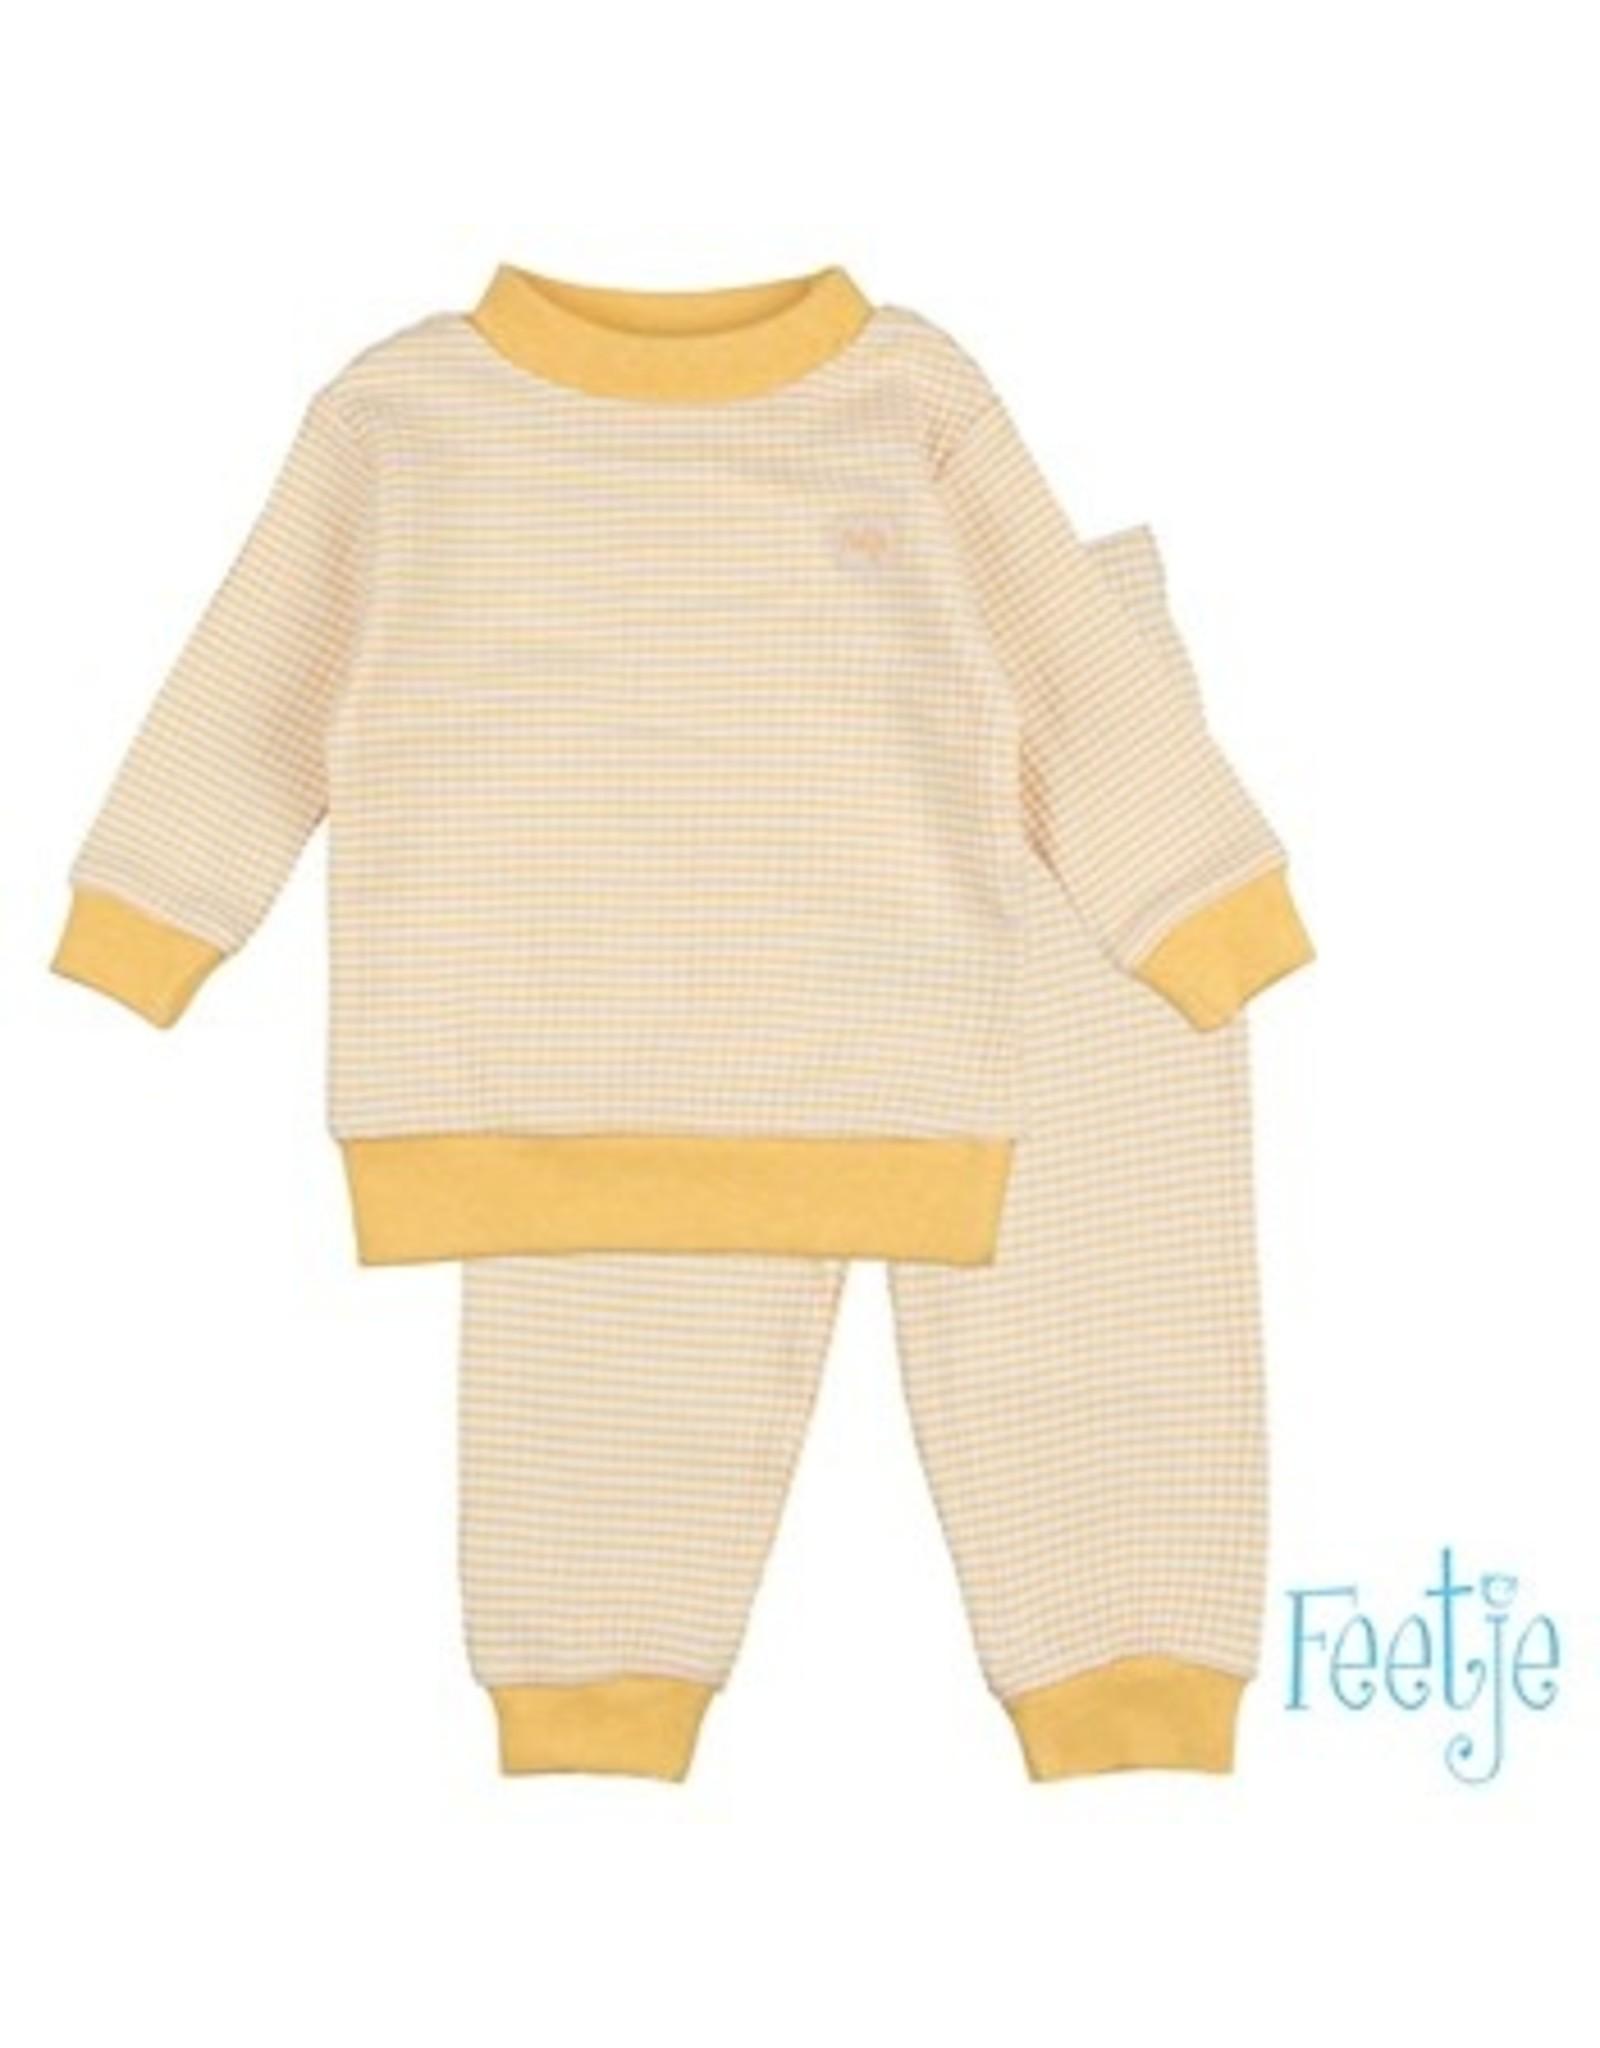 Feetje Pyjama oker geel baby